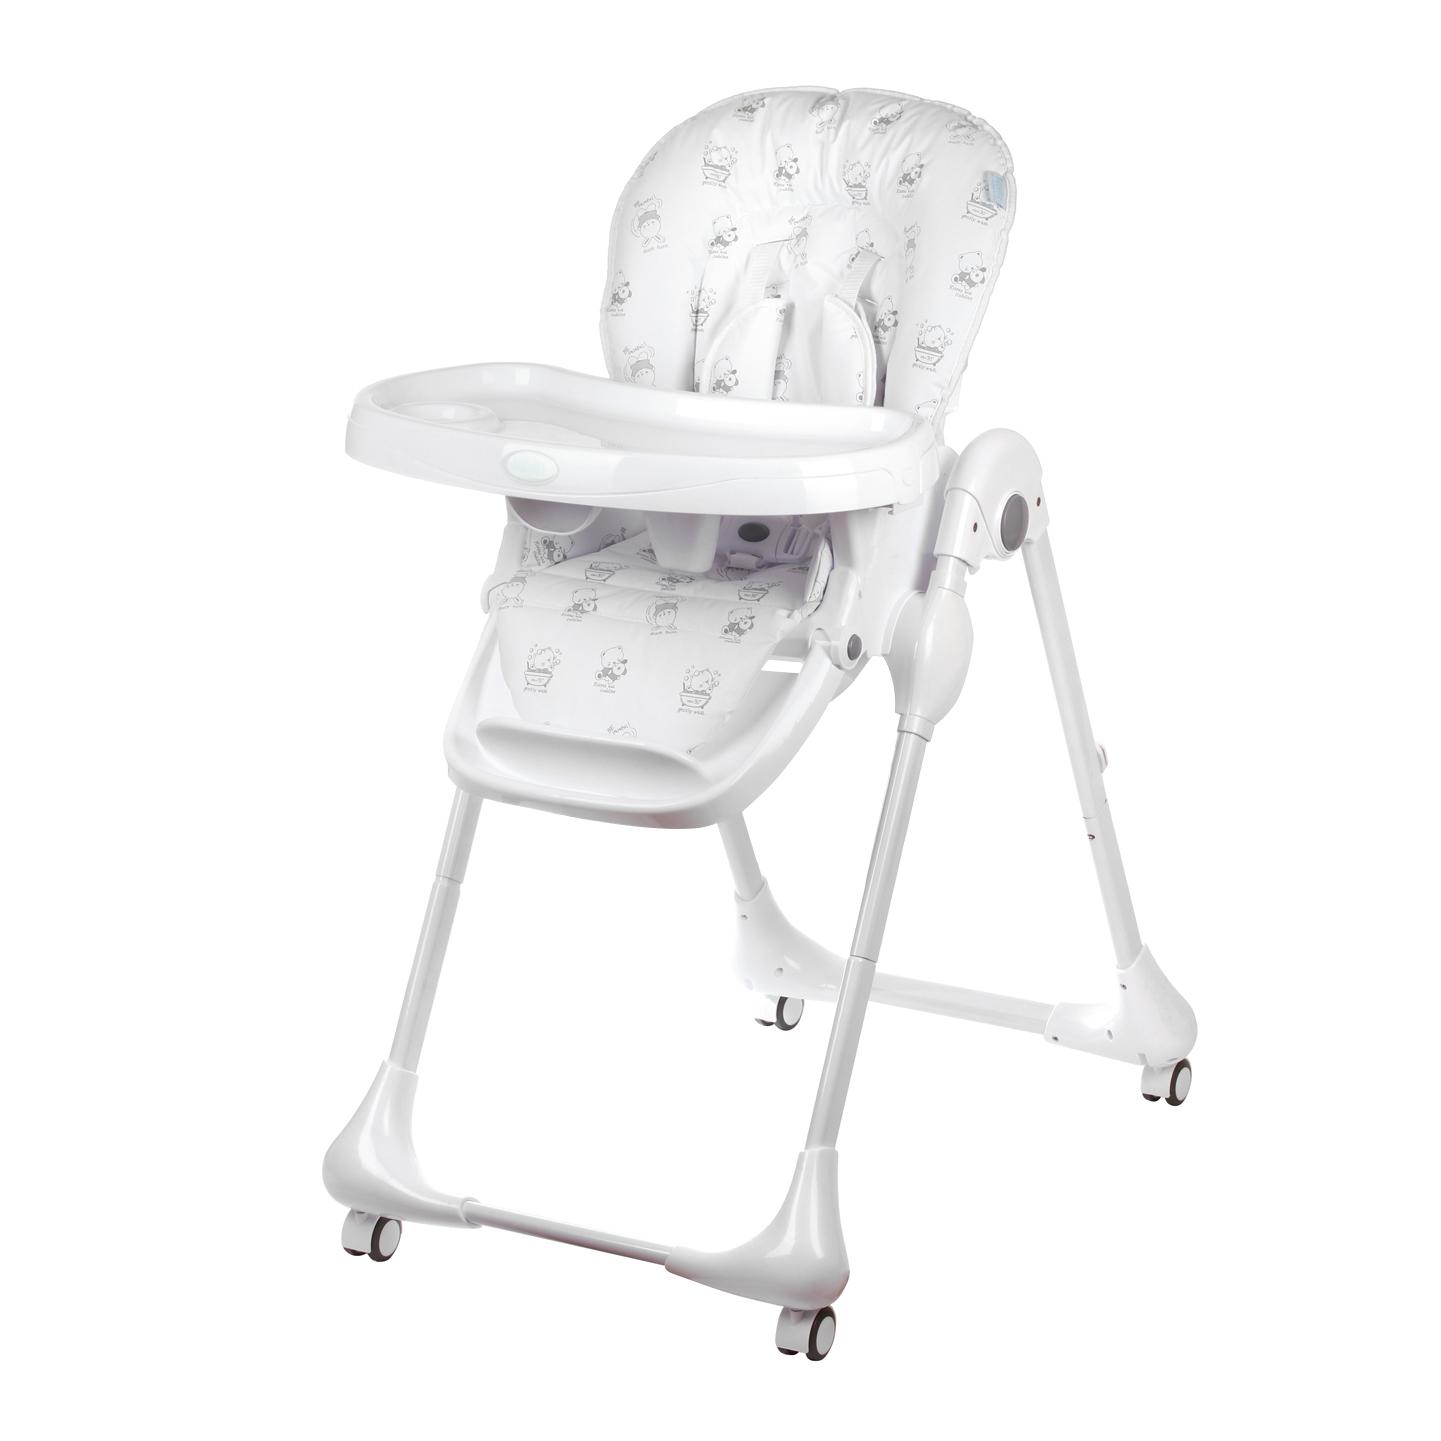 Купить стульчик для кормления Nuovita Beata Orsi beige, цены в Москве на goods.ru